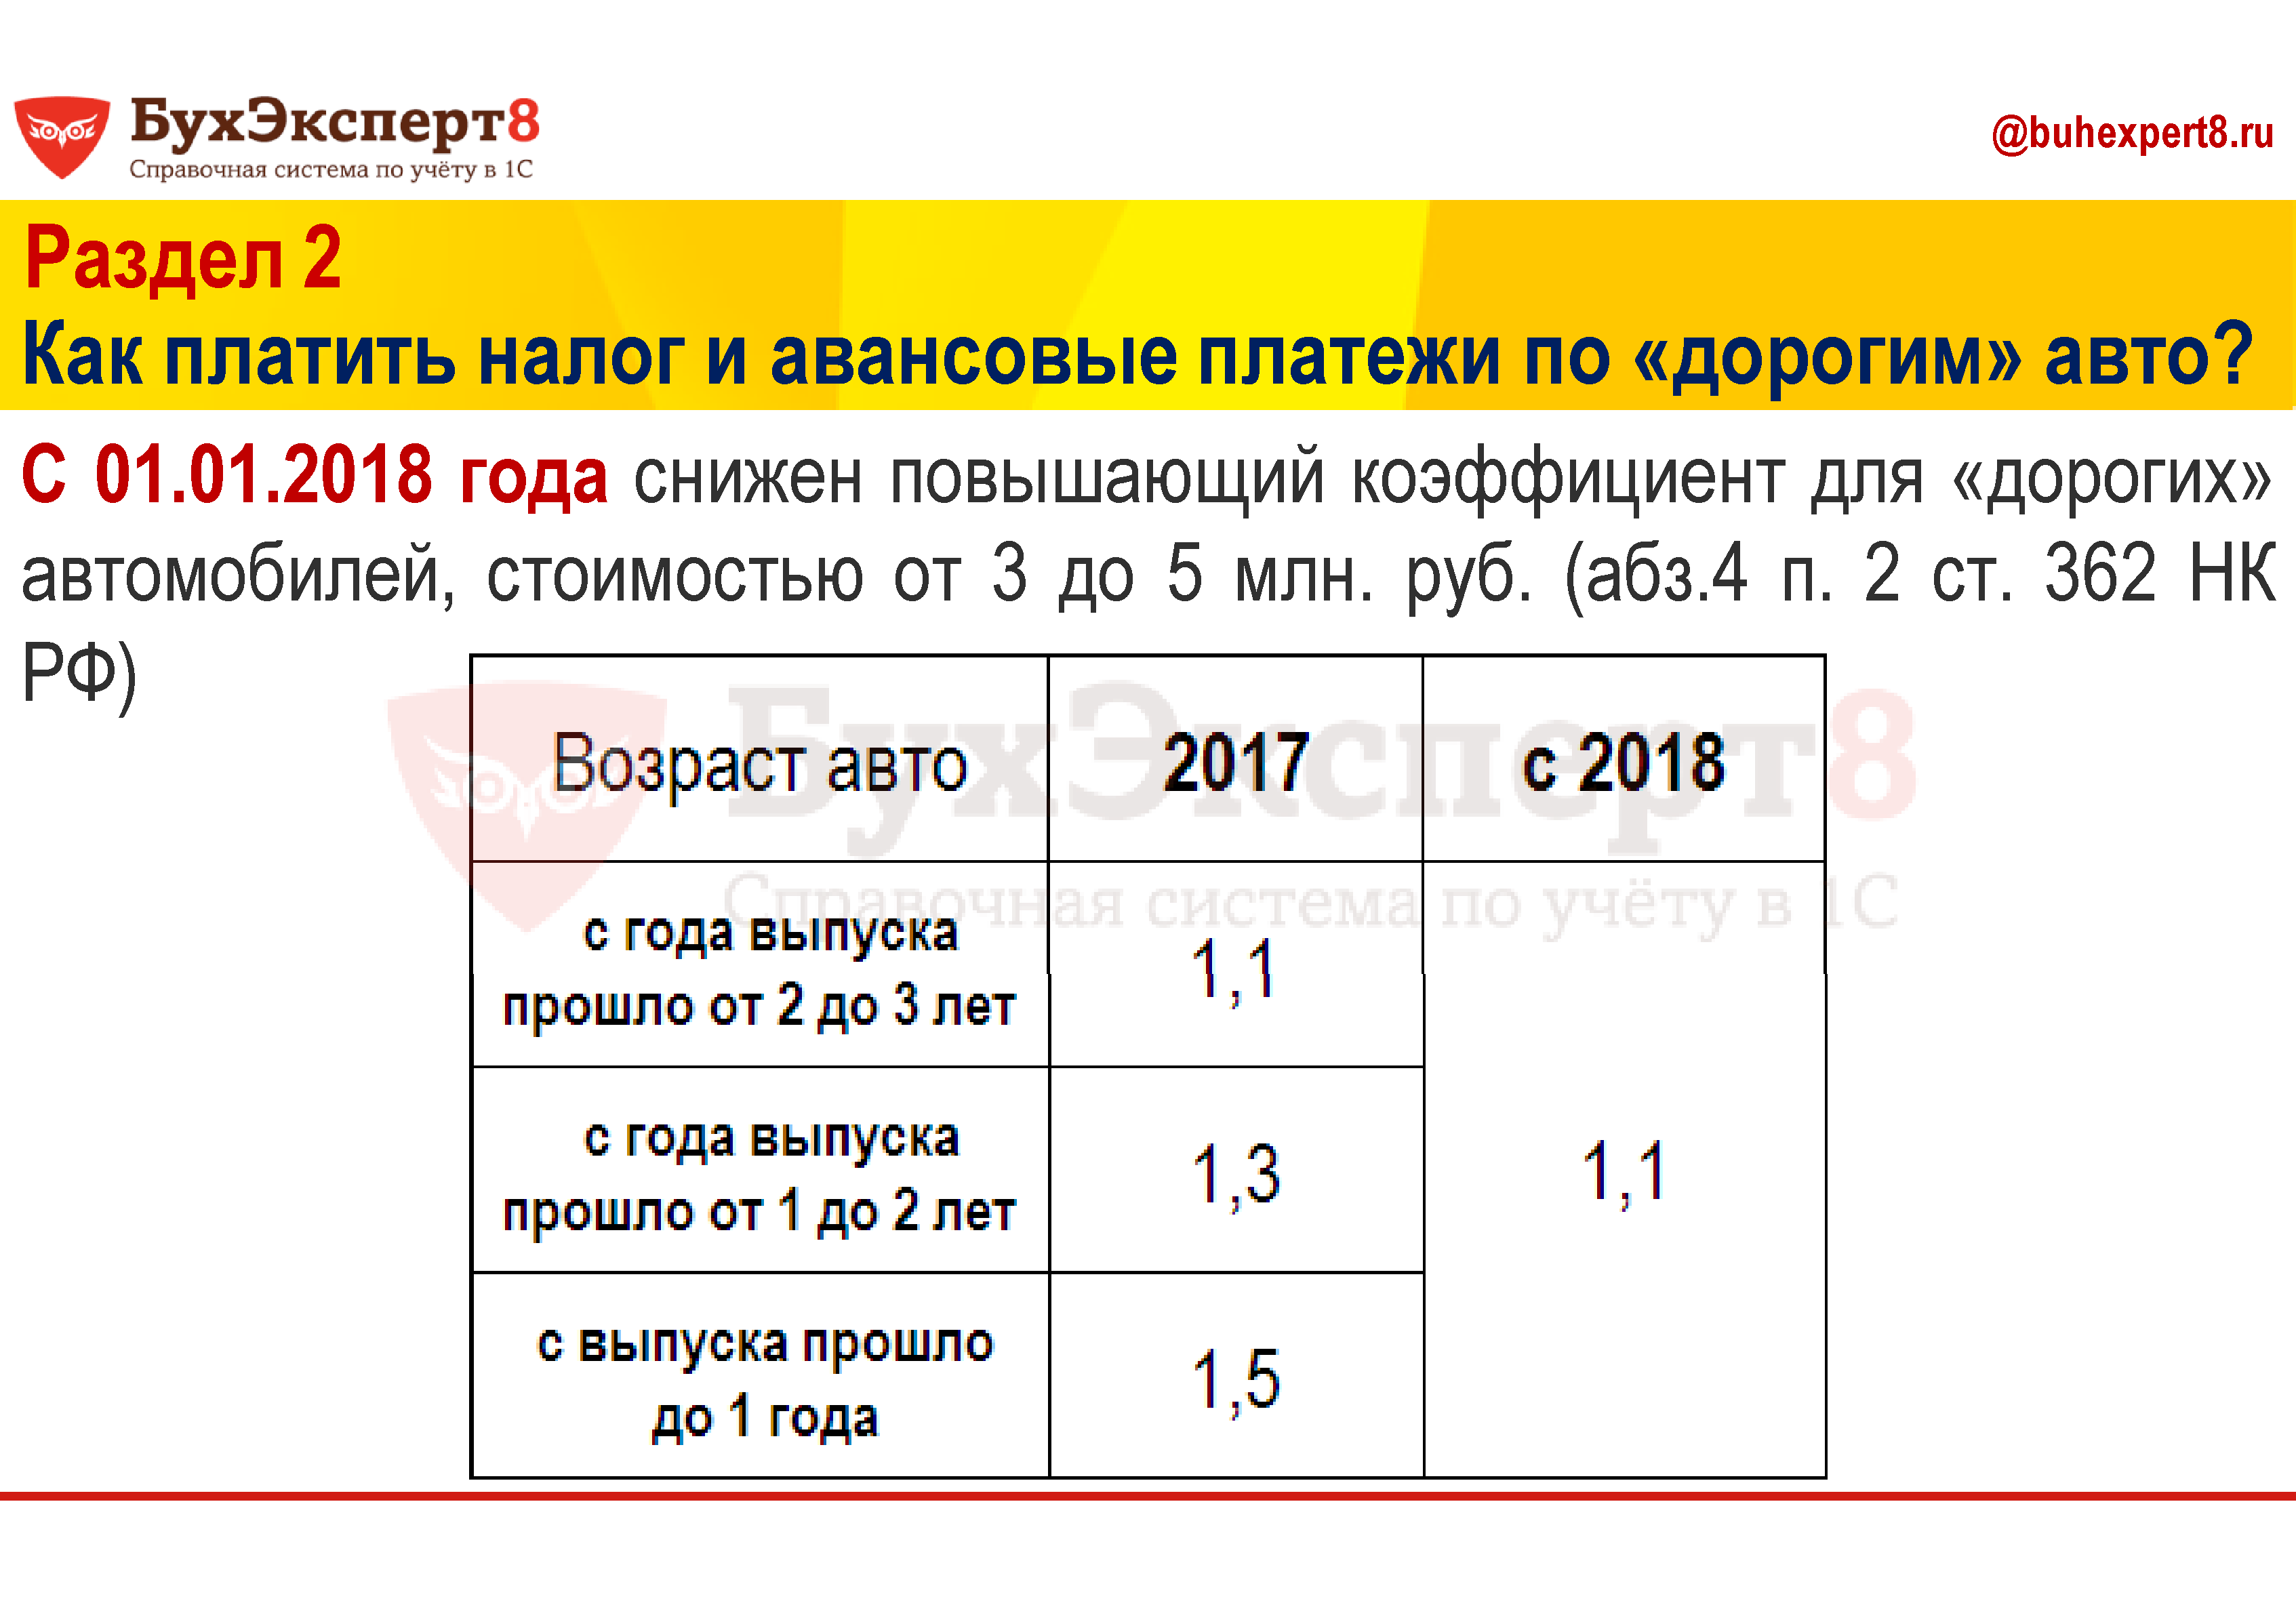 С 01.01.2018 года снижен повышающий коэффициент для «дорогих» автомобилей, стоимостью от 3 до 5 млн. руб. (абз.4 п. 2 ст. 362 НК РФ)